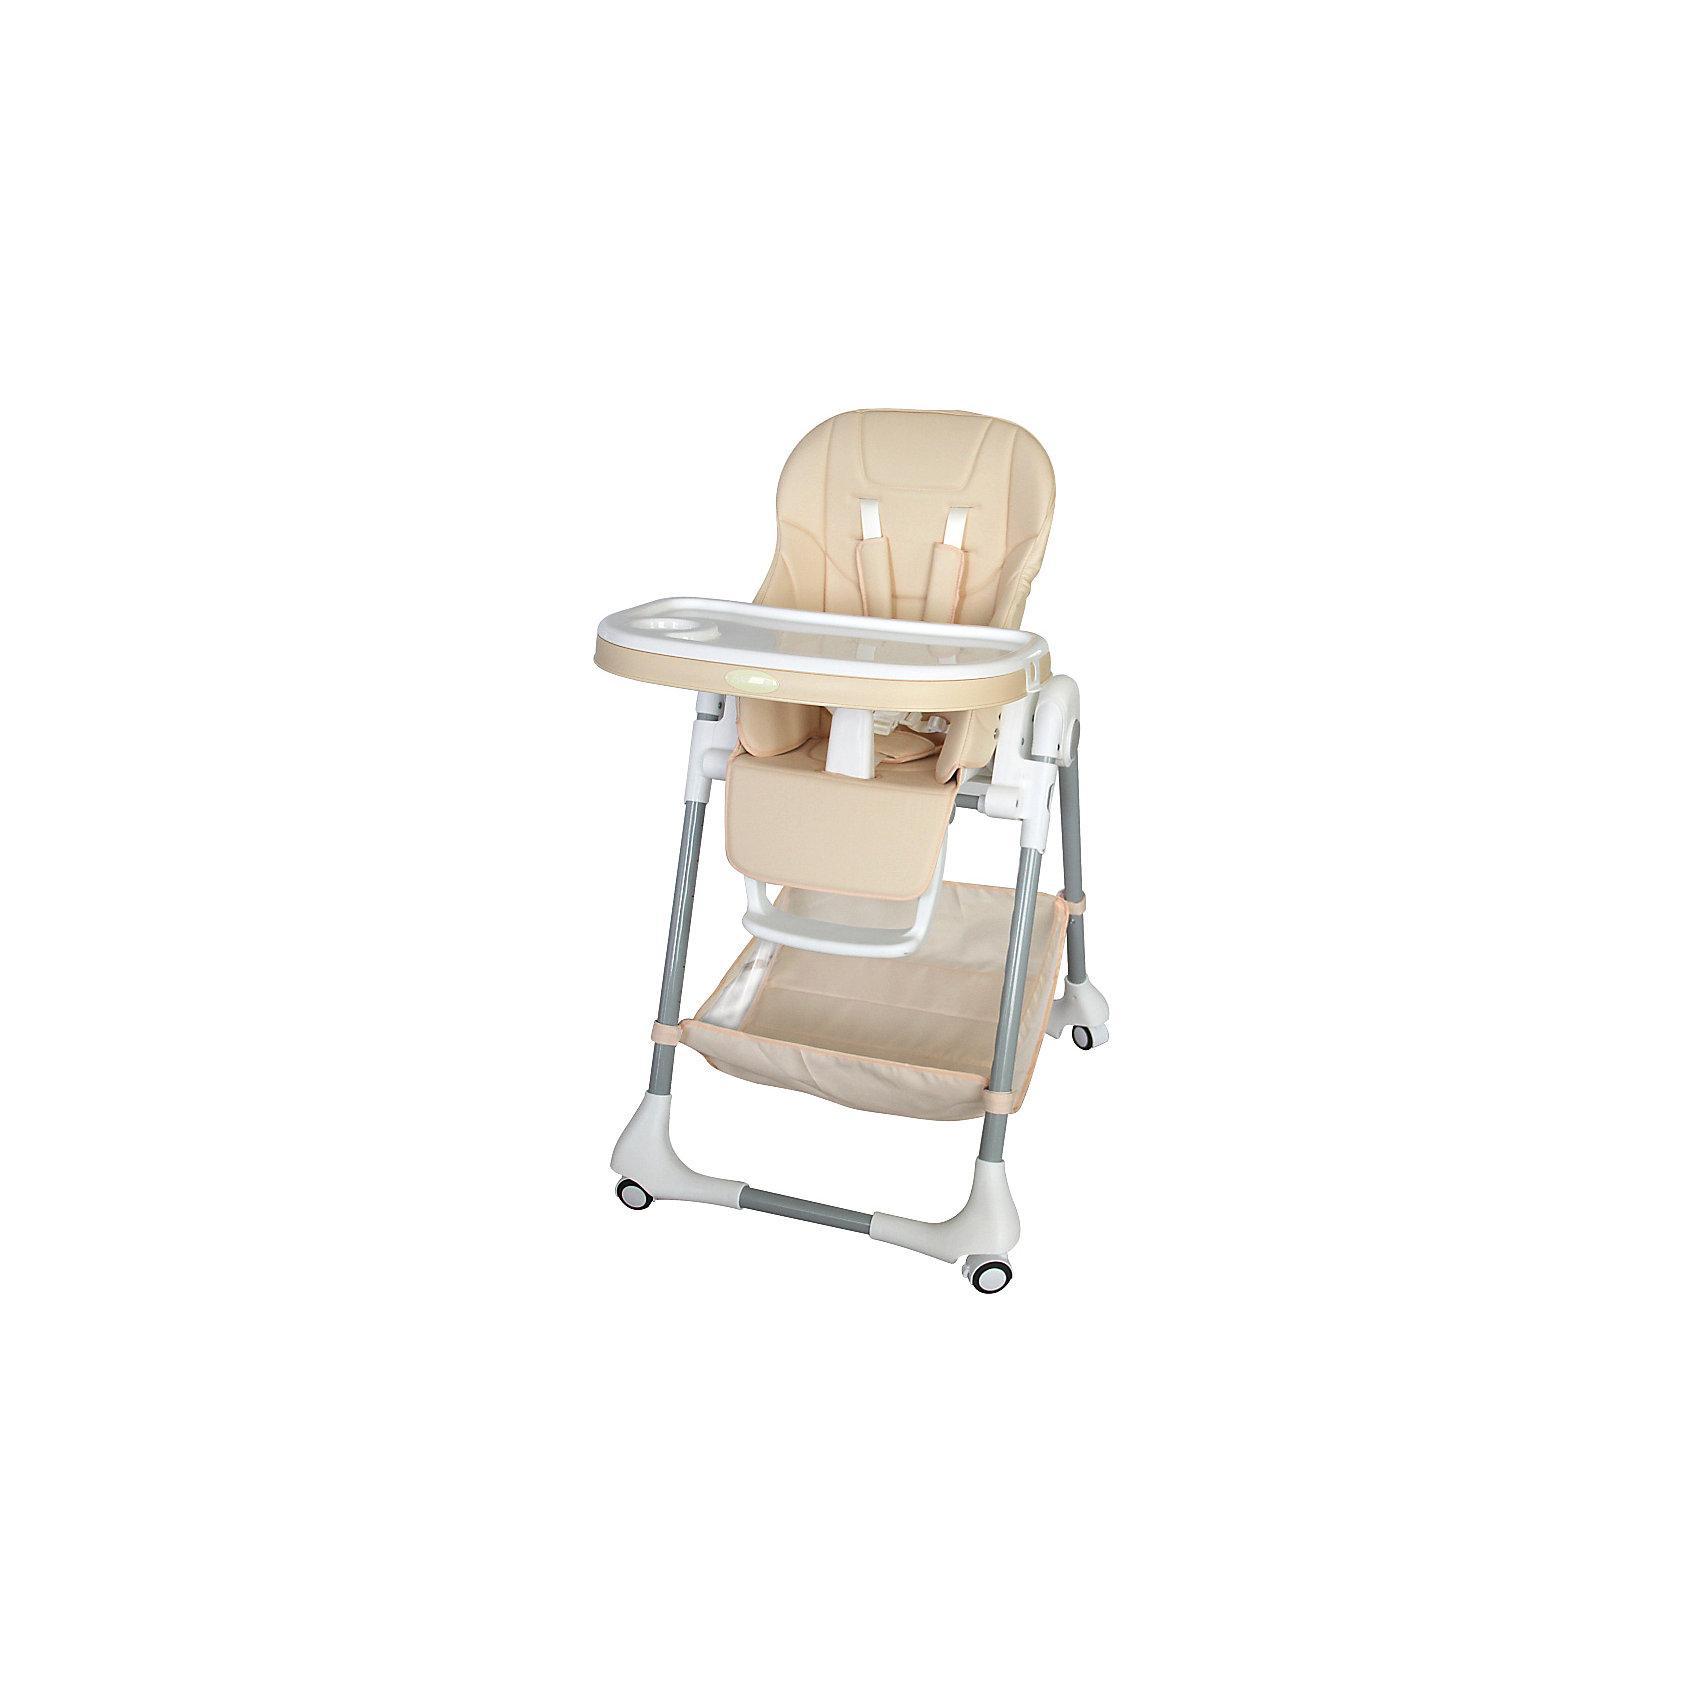 Стульчик для кормления, Aricare, Beigeот +6 месяцев<br>Функциональный стульчик для кормления, сиденье которого изготовлено из качественного кожзаменителя. Для детей от 5-6 месяцев до 4-5 лет (Максимальный вес до 25 кг). Элегантные расцветки легко впишутся в интерьер кухни или гостиной. Обладает всеми необходимыми регулировками, которые позволят Вам с малышом в полной мере насладиться временем, проведенным вместе. Легко перемещается по квартире за счет колес на всех 4 ножках, оснащены стопорами.<br><br>Подробное описание стульчика для кормления Aricare 1014-B<br><br>просторное сиденье из экологичного, гипоаллергенного кожзаменителя<br>съемная обивка легко поддается чистке влажной тряпкой<br>легко передвигать по квартире за счет 4 колес со стопорами<br>рассчитан на долгий период использования - с 6 месяцев до максимального веса в 25 кг<br>при наклоне сиденья угол между сиденьем и спинкой увеличивается, и малыш может вытянуть ножки и вздремнуть.<br>большая и удобная съемная двойная столешница, регулируемая по глубине (3 положения), размеры 63*30, на ножках предусмотрены специальные крепления для снятой столешницы <br>удобные 5-ти точечные ремни безопасности с мягкими плечевыми накладками<br>центральный замок на ремнях безопасности<br>удобное и просторное сиденье: ширина 27см, глубина 23 смвысота сиденья от пола: от 27см до 64 см (7 положений)<br>регулируемая в трех положениях подножка (длина 15 см, вместе с сиденьем образуют ровную поверхность)<br>оснащен дополнительной защитой от выскальзывания ребенка<br>регулировка по высоте (от 84 до 105 см)регулировка по наклону (5 положений), <br>включая положение для отдыха, легко меняется одной рукой<br>просторная корзина и кармашек для мелочей<br>легко складывается и раскладывается, компактен в сложенном состоянии (84 х 30 см)в сложенном состоянии стоит вертикально<br>стульчик складывается вместе со столешницей<br>устойчив, (ширина по колесикам 57 х 72 см)<br>Сертификат международного образца SGS EN1888 и Сертификат Таможенног